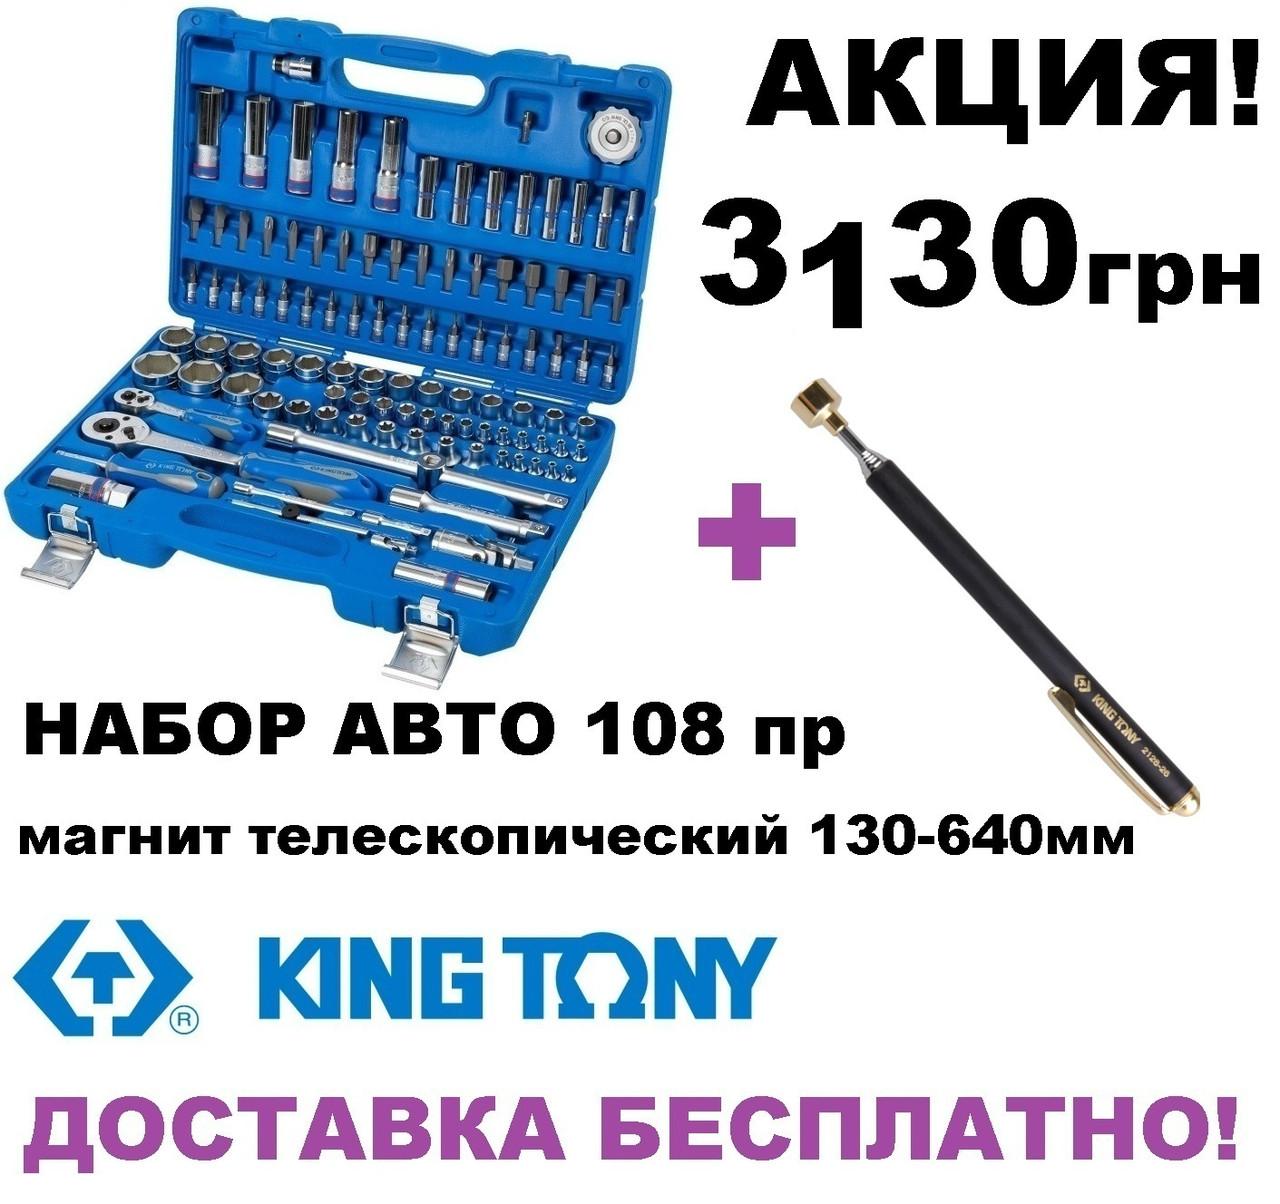 Акция! Набор инструментов 108 ед. King Tony SC7510MR + Магнит телескопический 2128-26